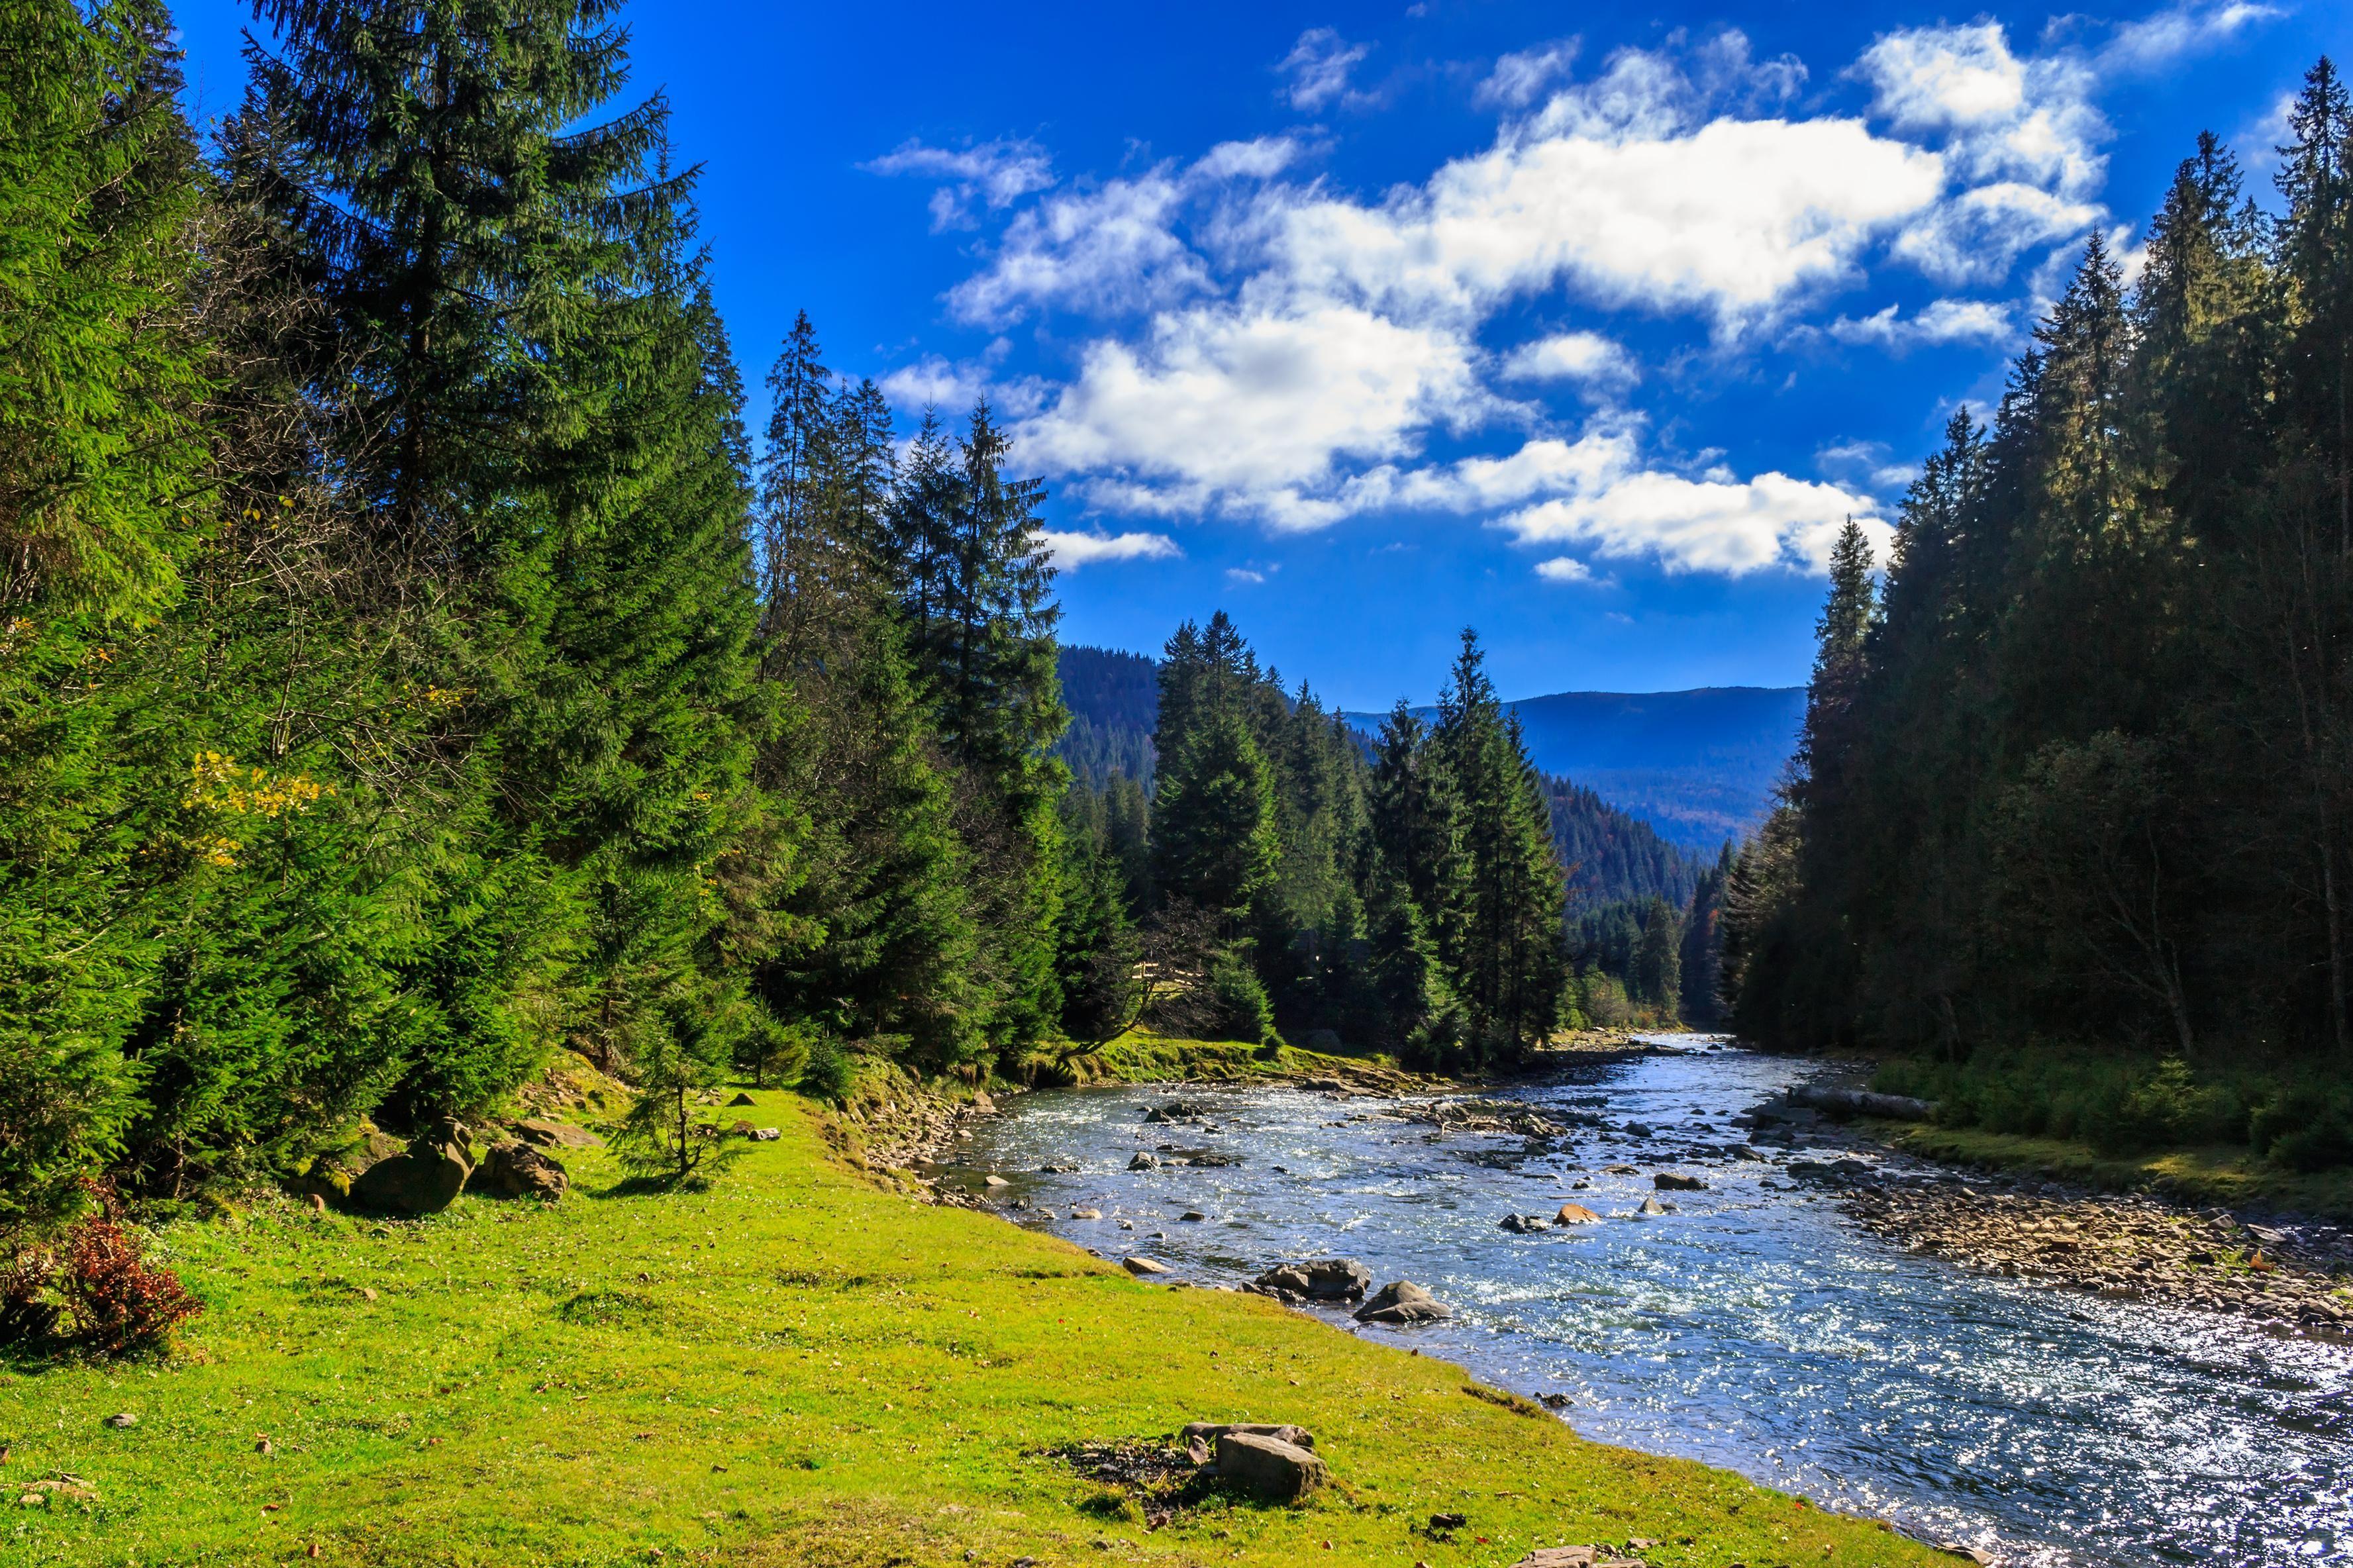 Colorado River Porn - Blue River at Pebble Creek Ranch in Silverthorne Colorado